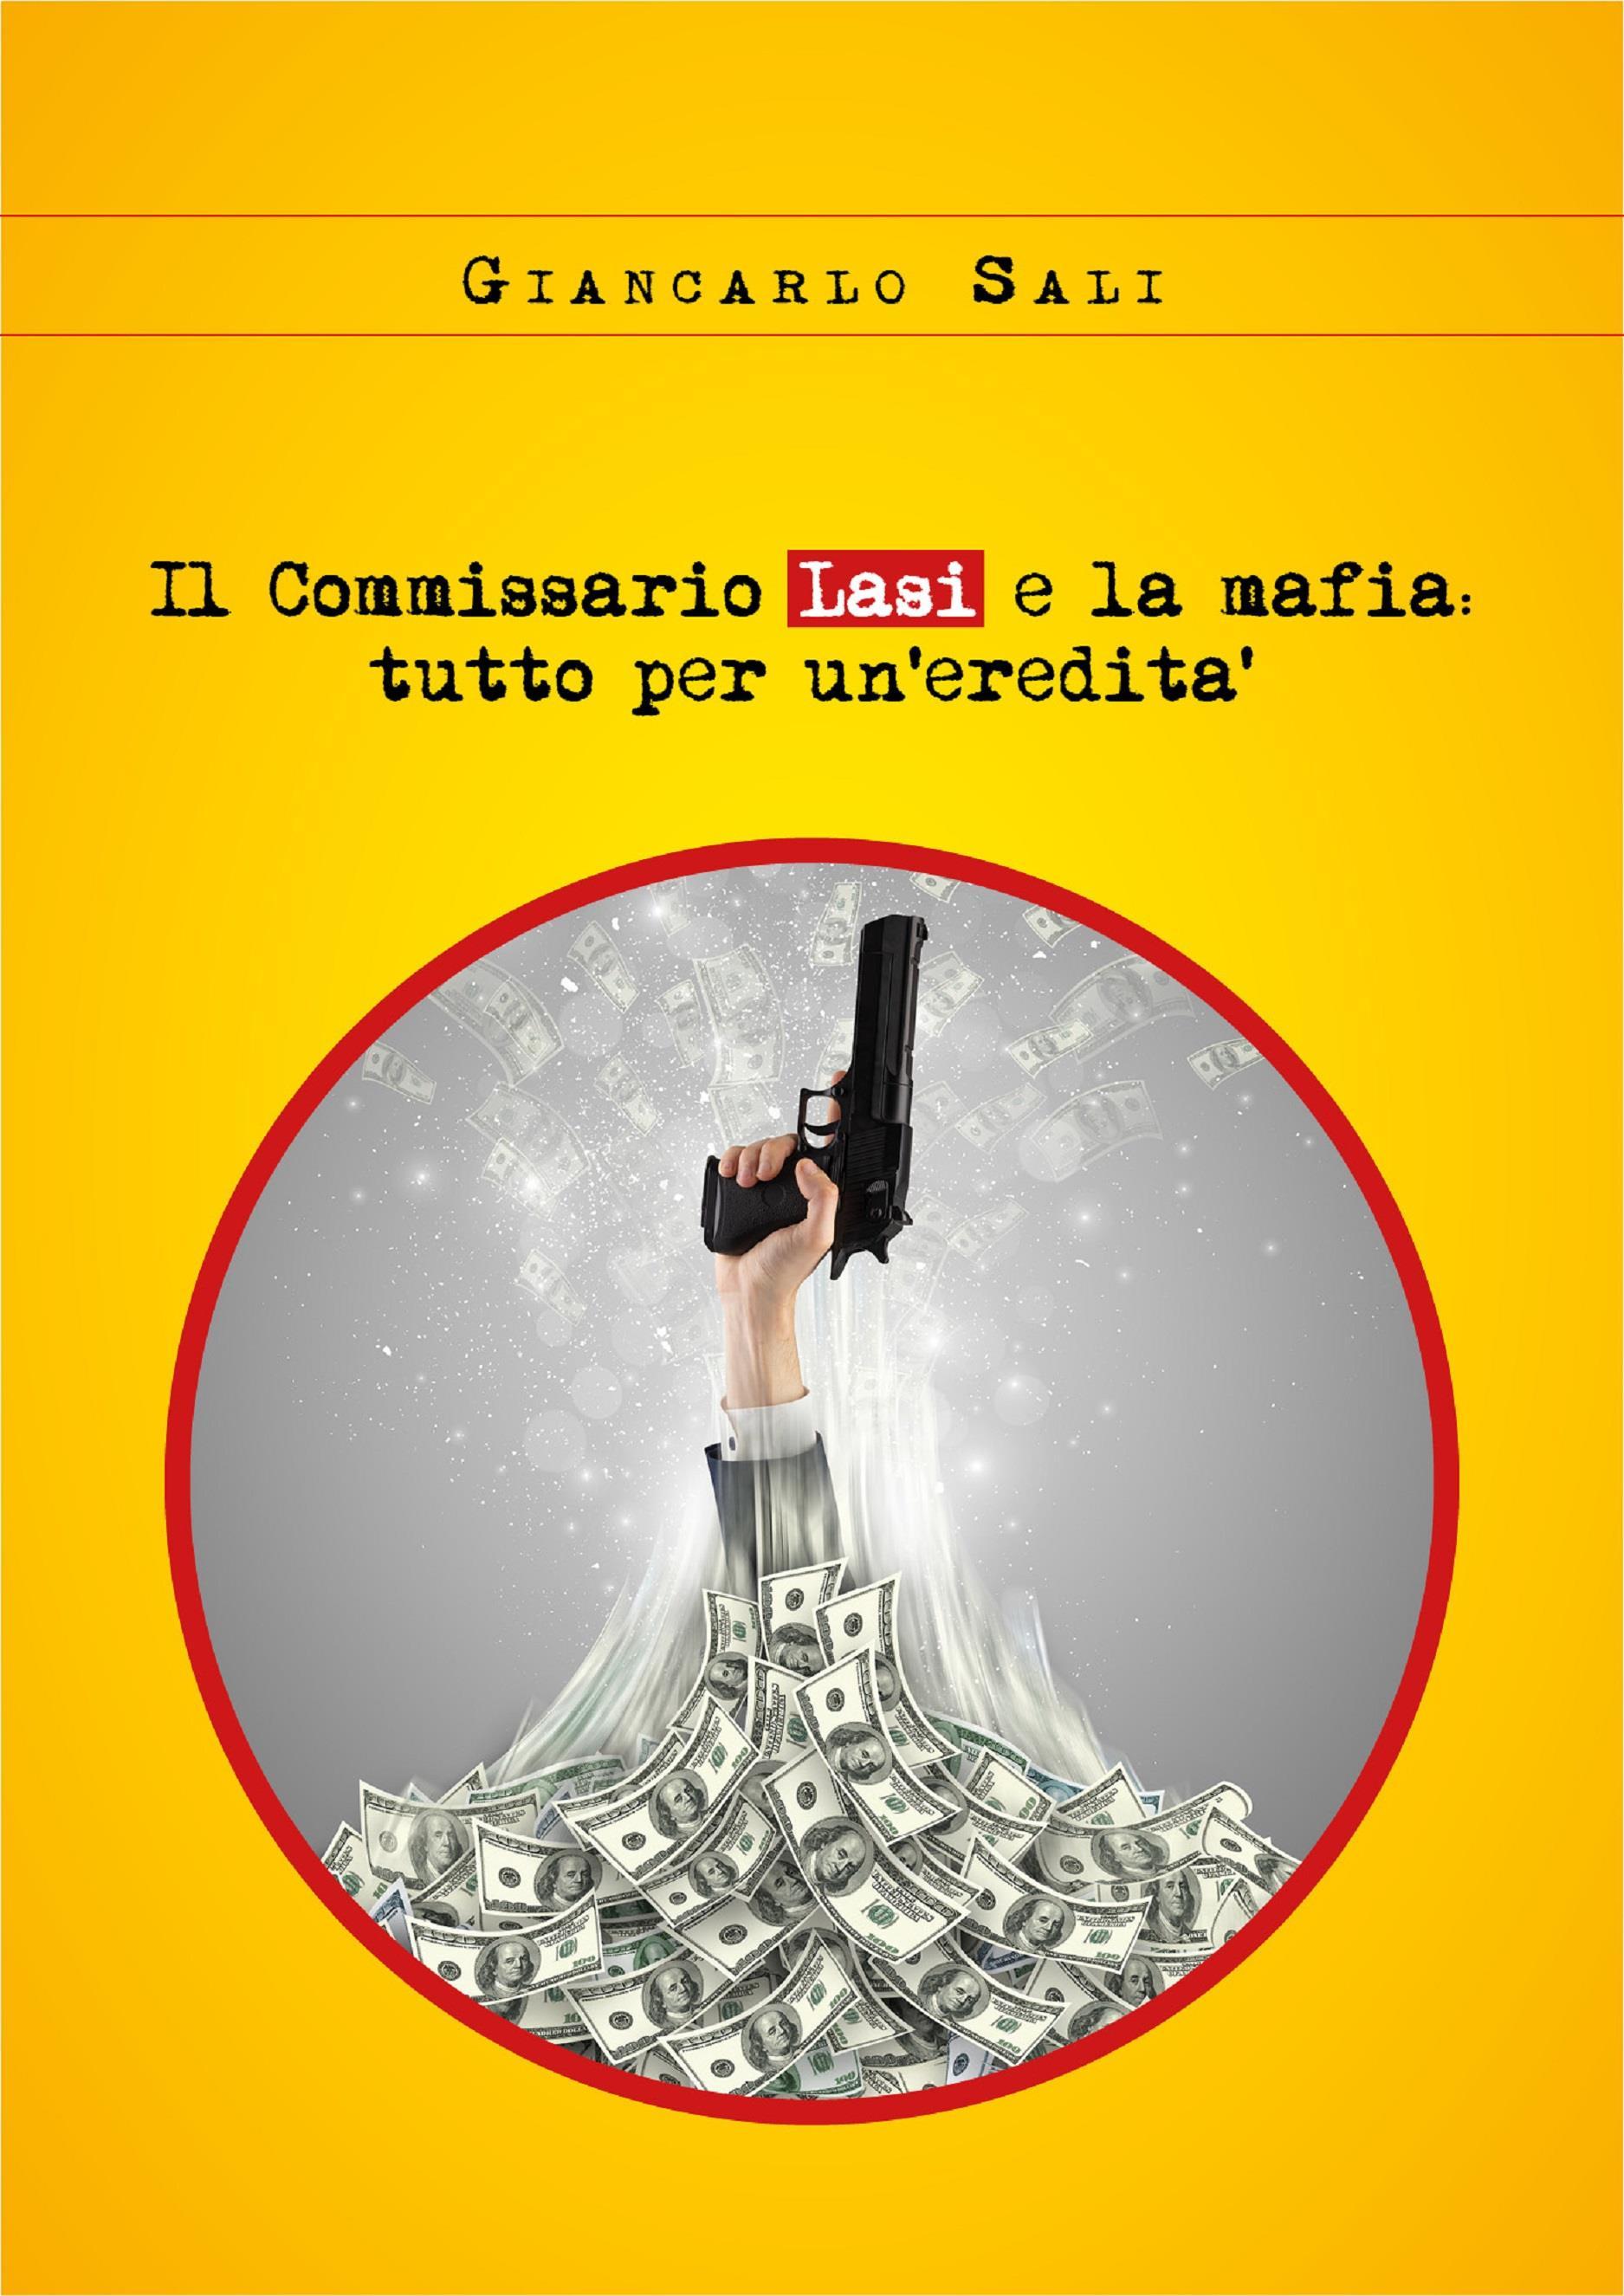 Il Commissario Lasi e la mafia: tutto per un'eredità